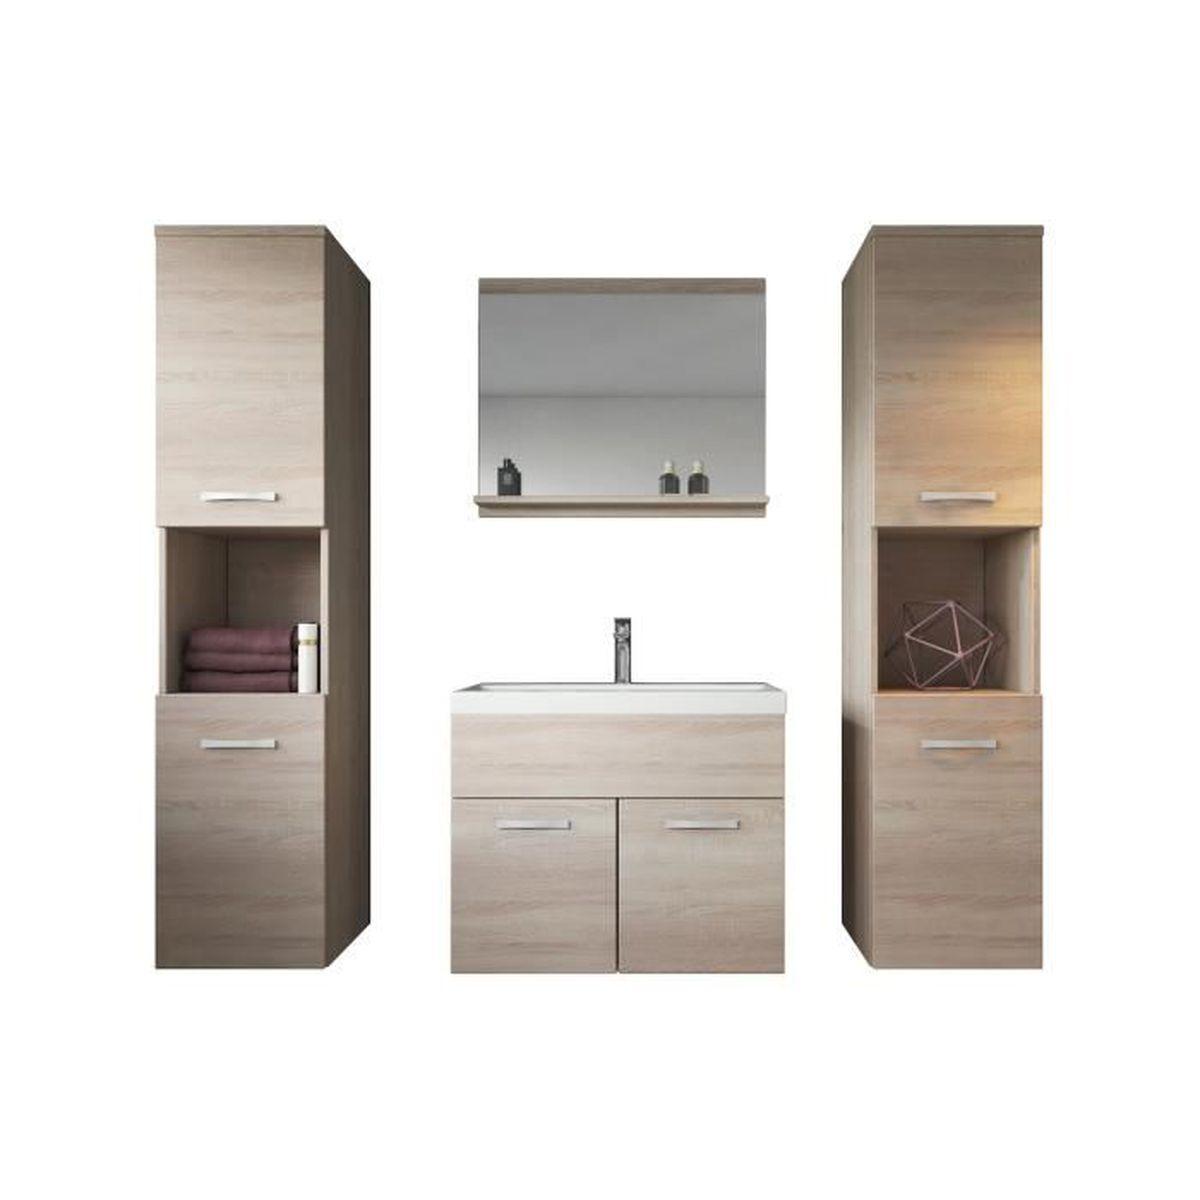 Evier Meuble Salle De Bain meuble de salle de bain de montréal xl 60 cm bassin en bois